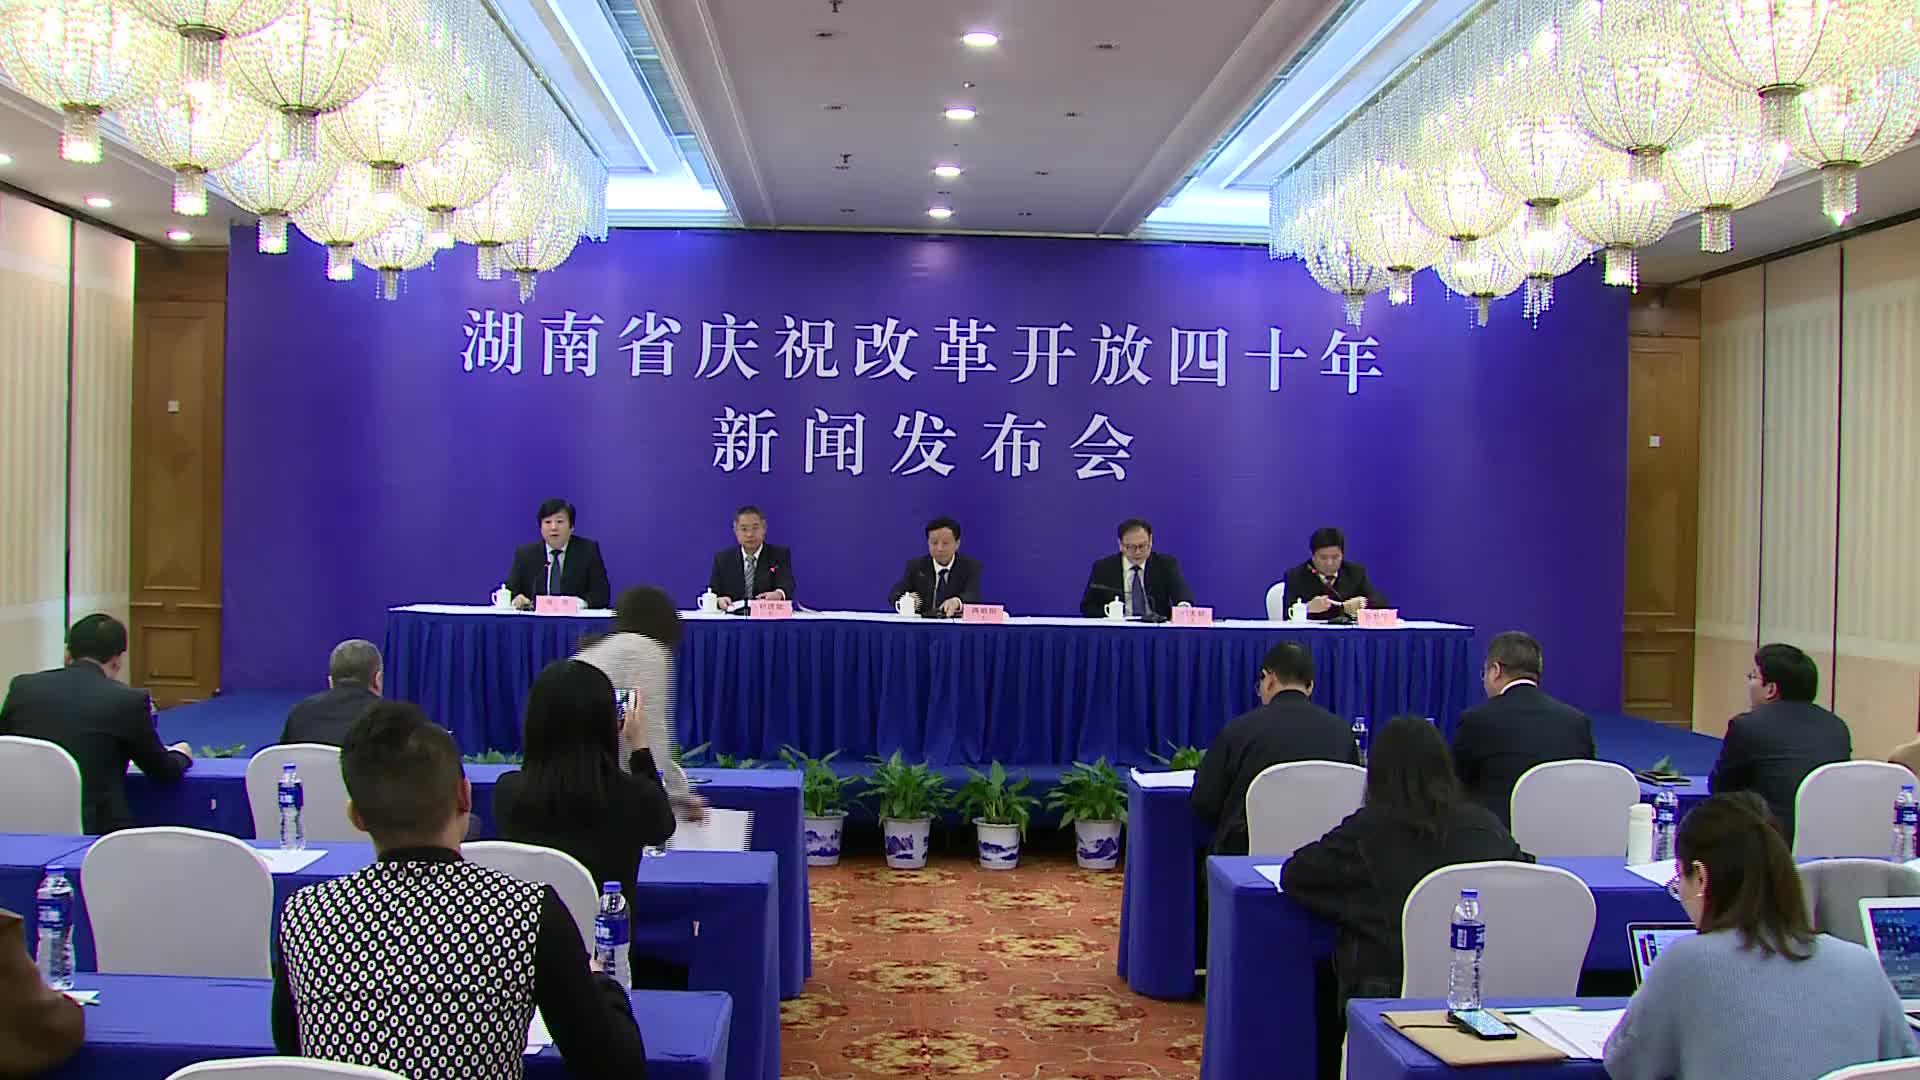 【全程回放】湖南省庆祝改革开放四十年系列新闻发布会:全省宣传思想文化工作成就